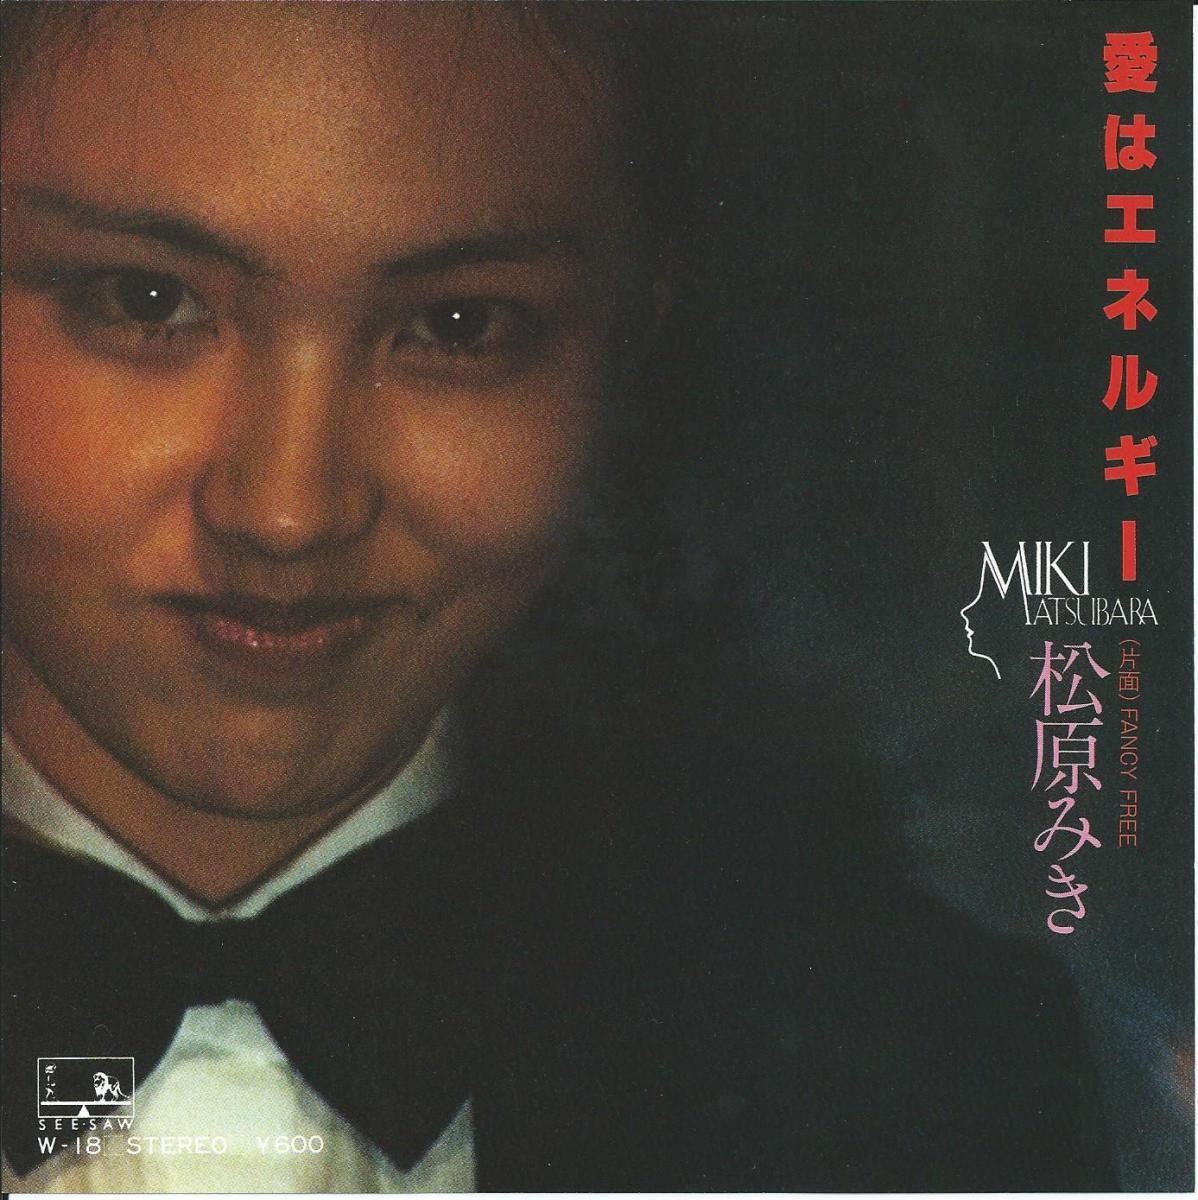 松原みき MIKI MATSUBARA / 愛はエネルギー (7